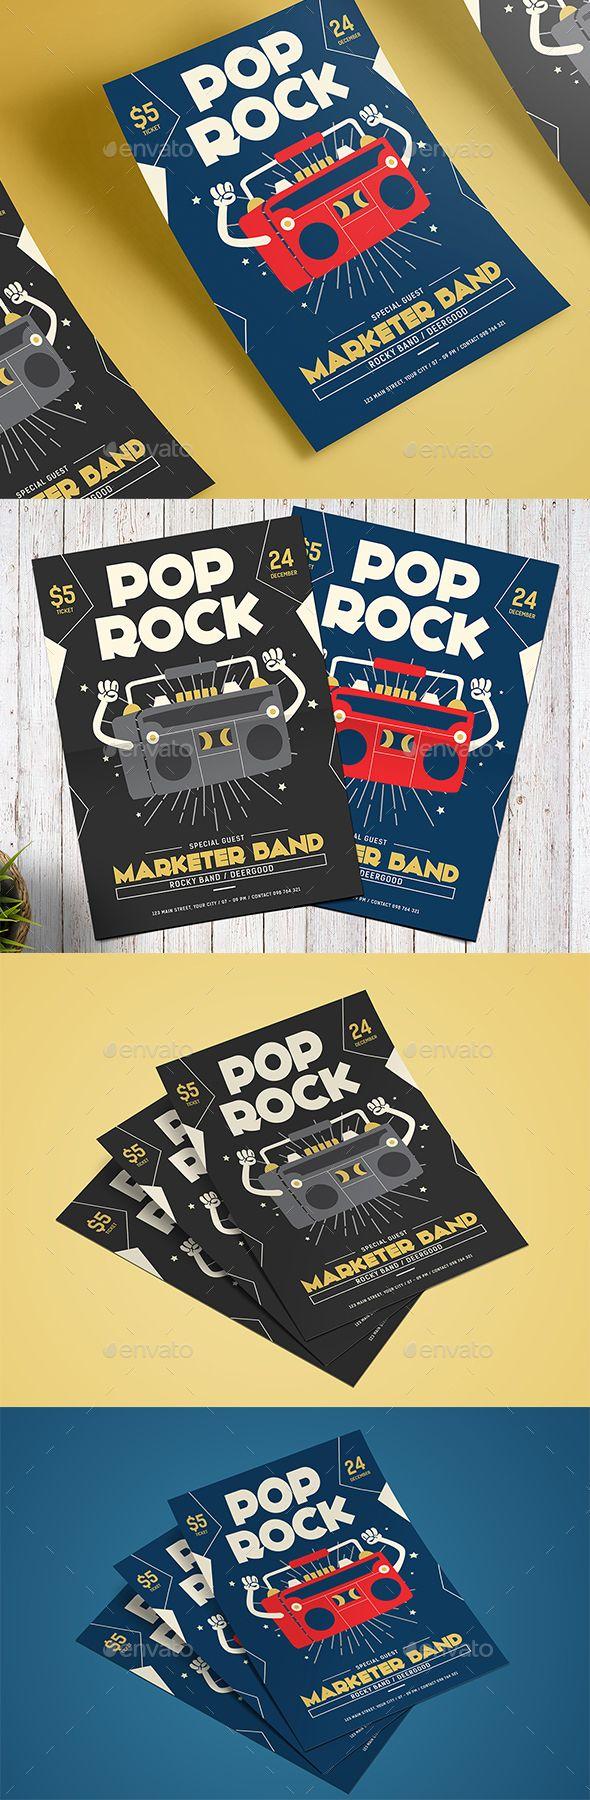 Pop Rock #Flyer - #Events Flyers Download here: https://graphicriver.net/item/pop-rock-flyer/19523885?ref=alena994